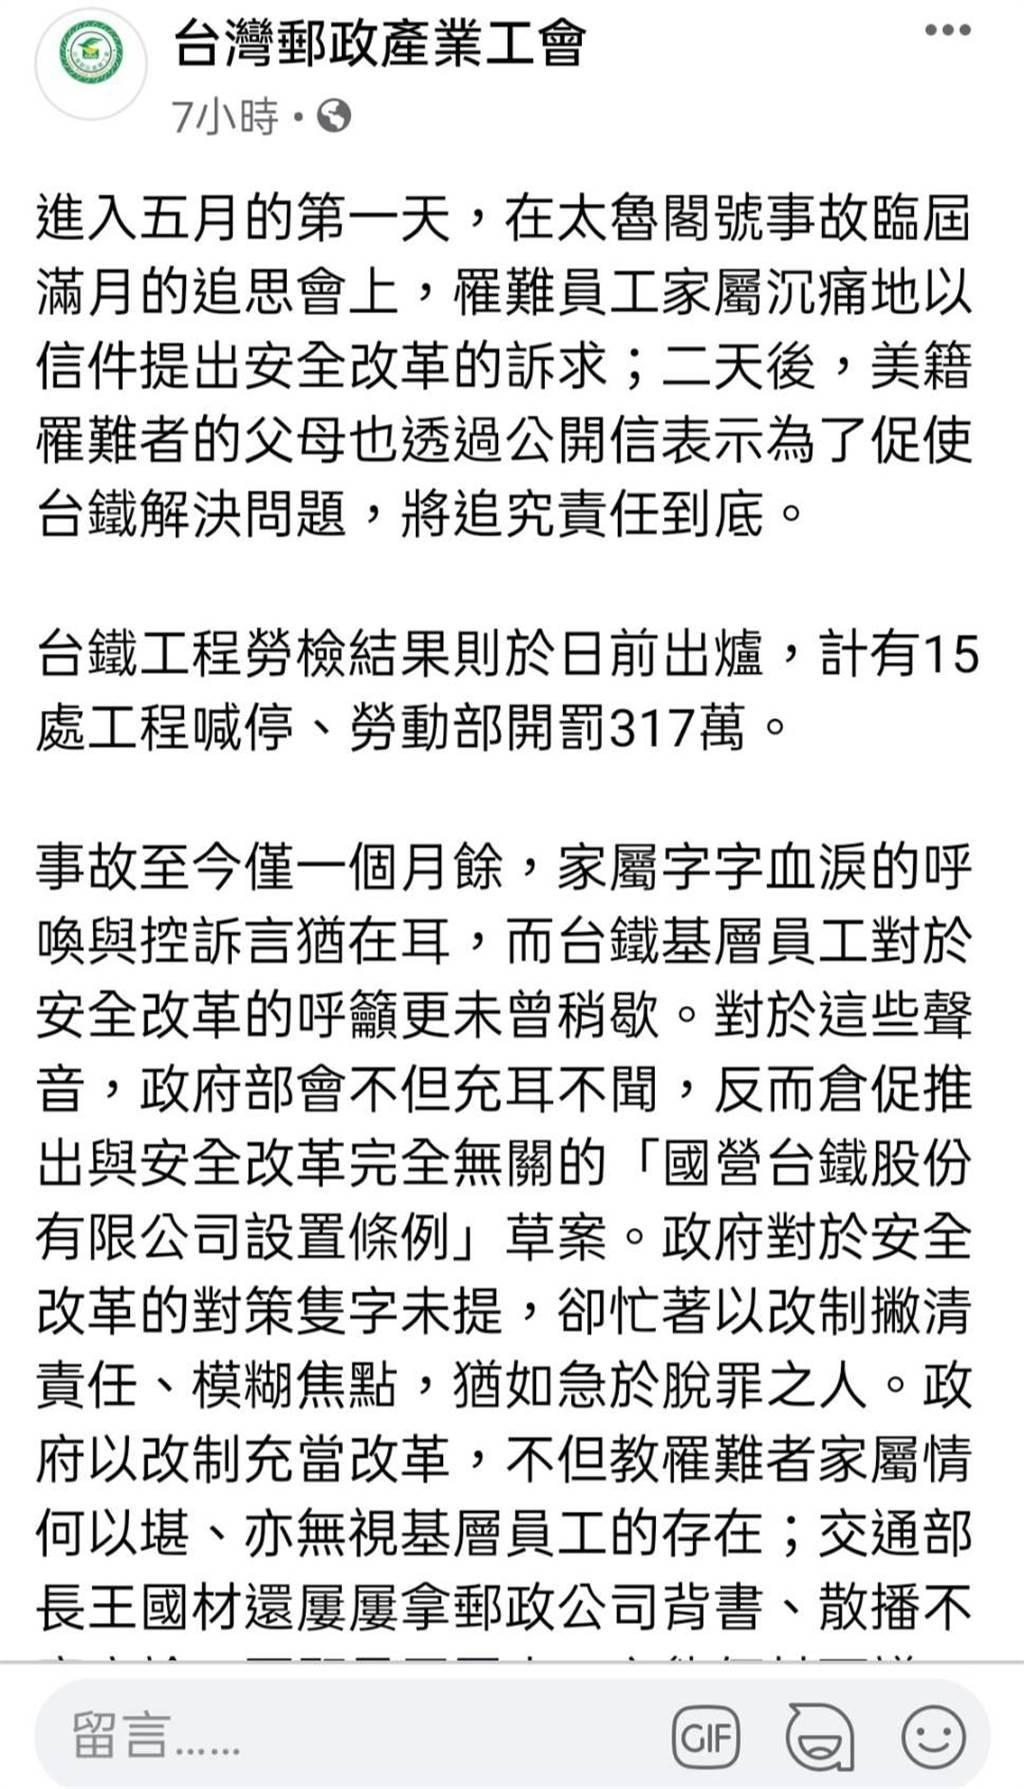 (摘自郵政產業工會臉書)